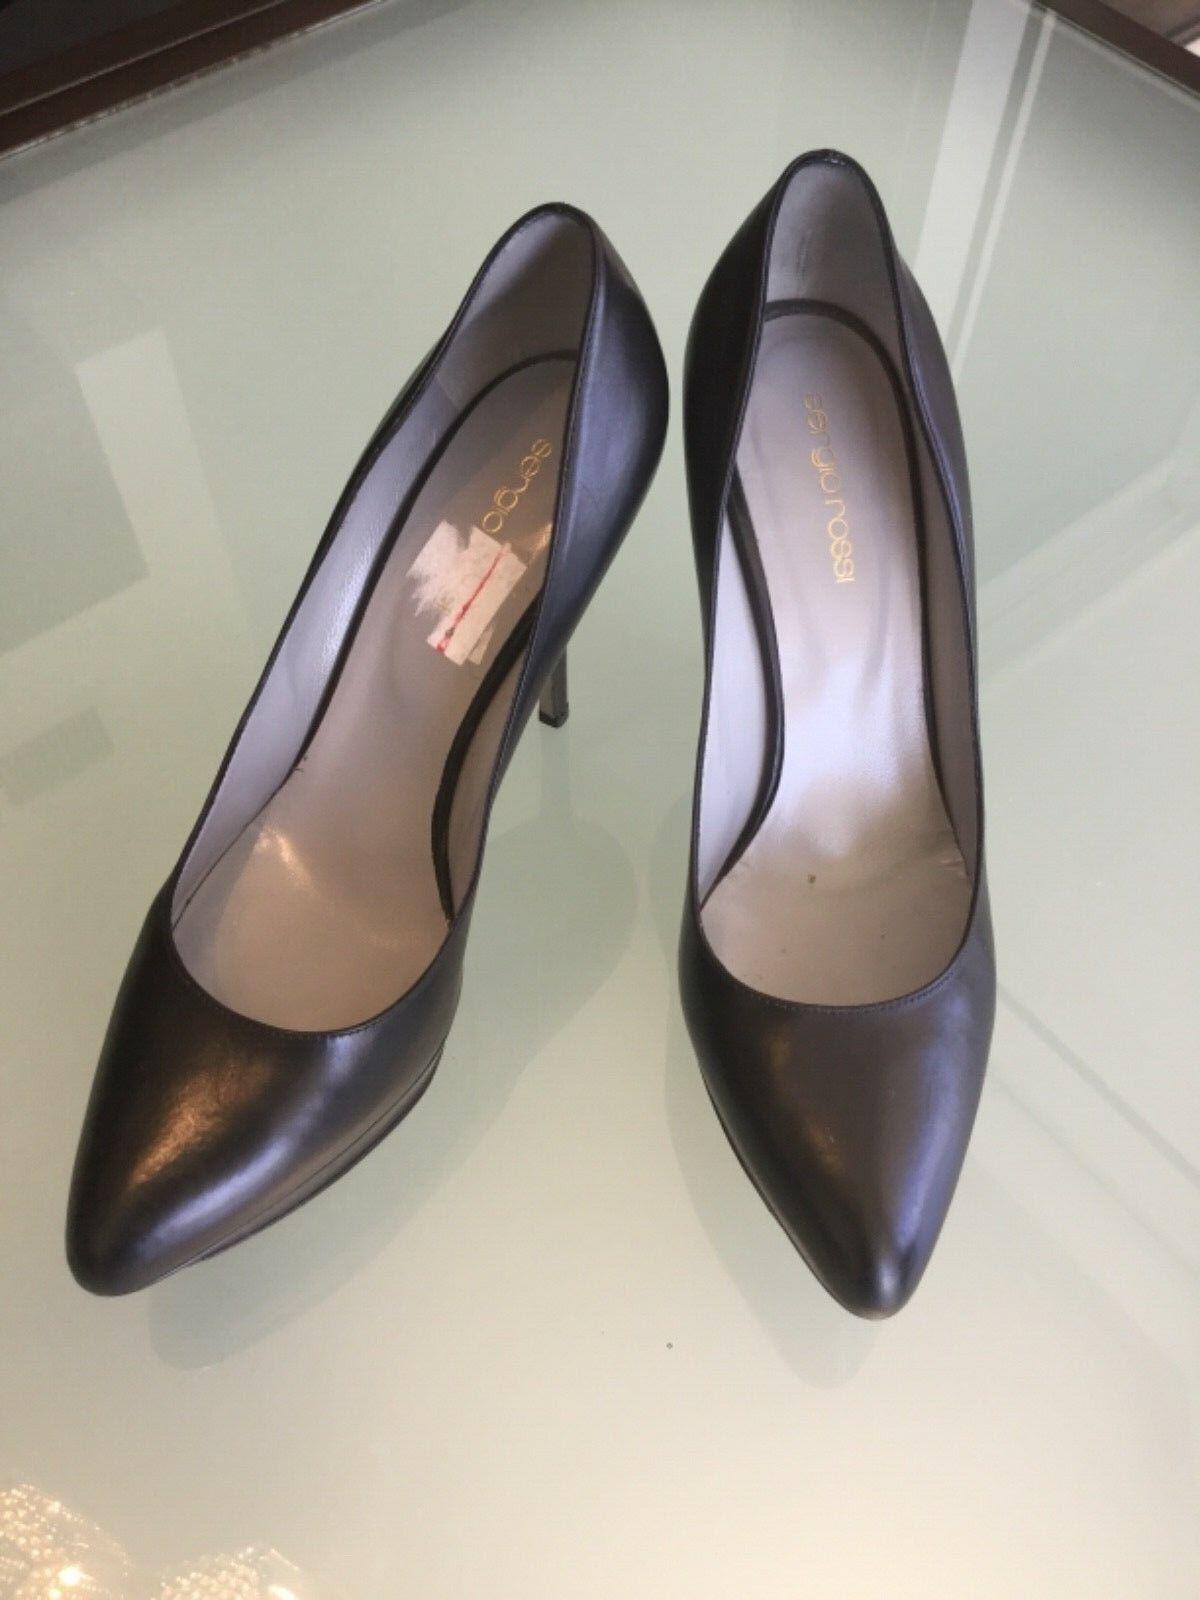 Woman's zapatos Sergio Rossi Bombas Tacones Negros De Cuero Cuero Cuero Negro 39.5 9.5  precios ultra bajos